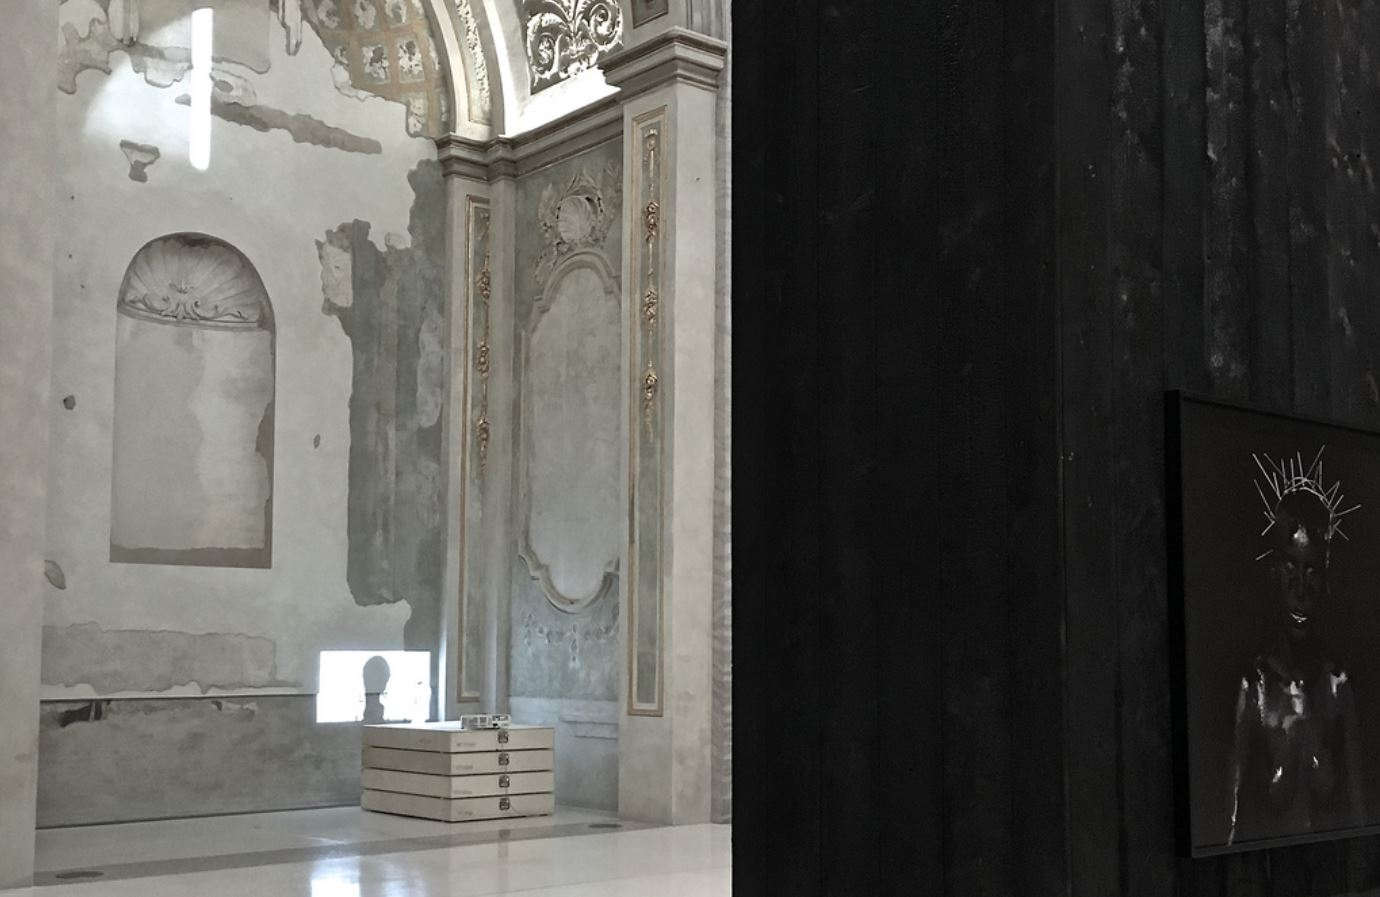 """""""XI comandamento: non dimenticare"""", mostra antologica di mustafa sabbagh – veduta musei san domenico, forlì – fino al 14.01.2018 credits: nicoletta vettori - courtesy: l'artista, musei san domenico [fc]"""